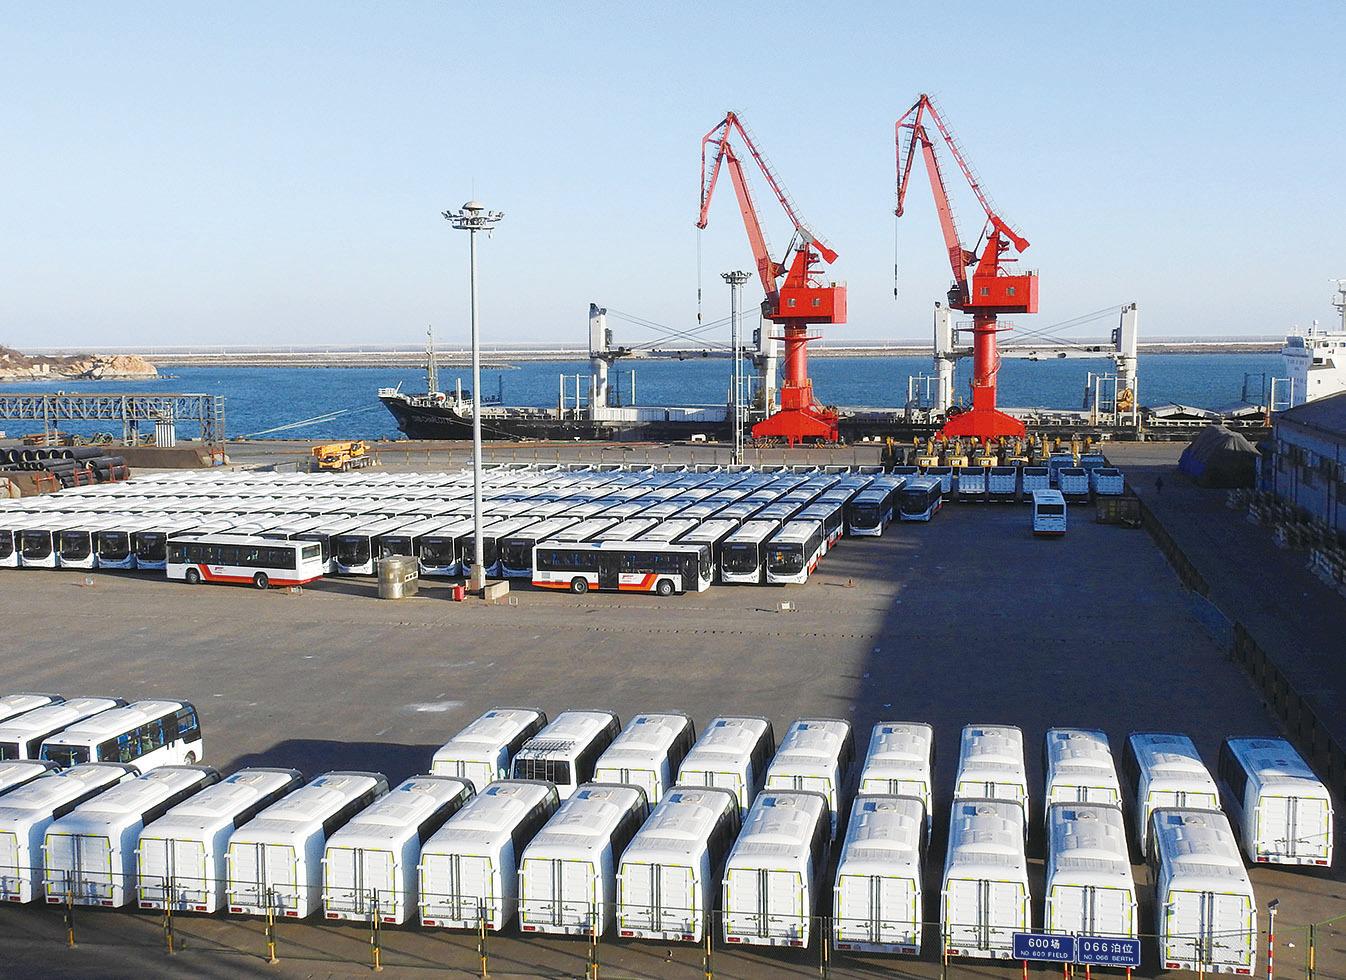 經濟學家預測,中國經濟在2017年或將迎來最大風險。圖為江蘇省連雲港港口。(Getty Images)